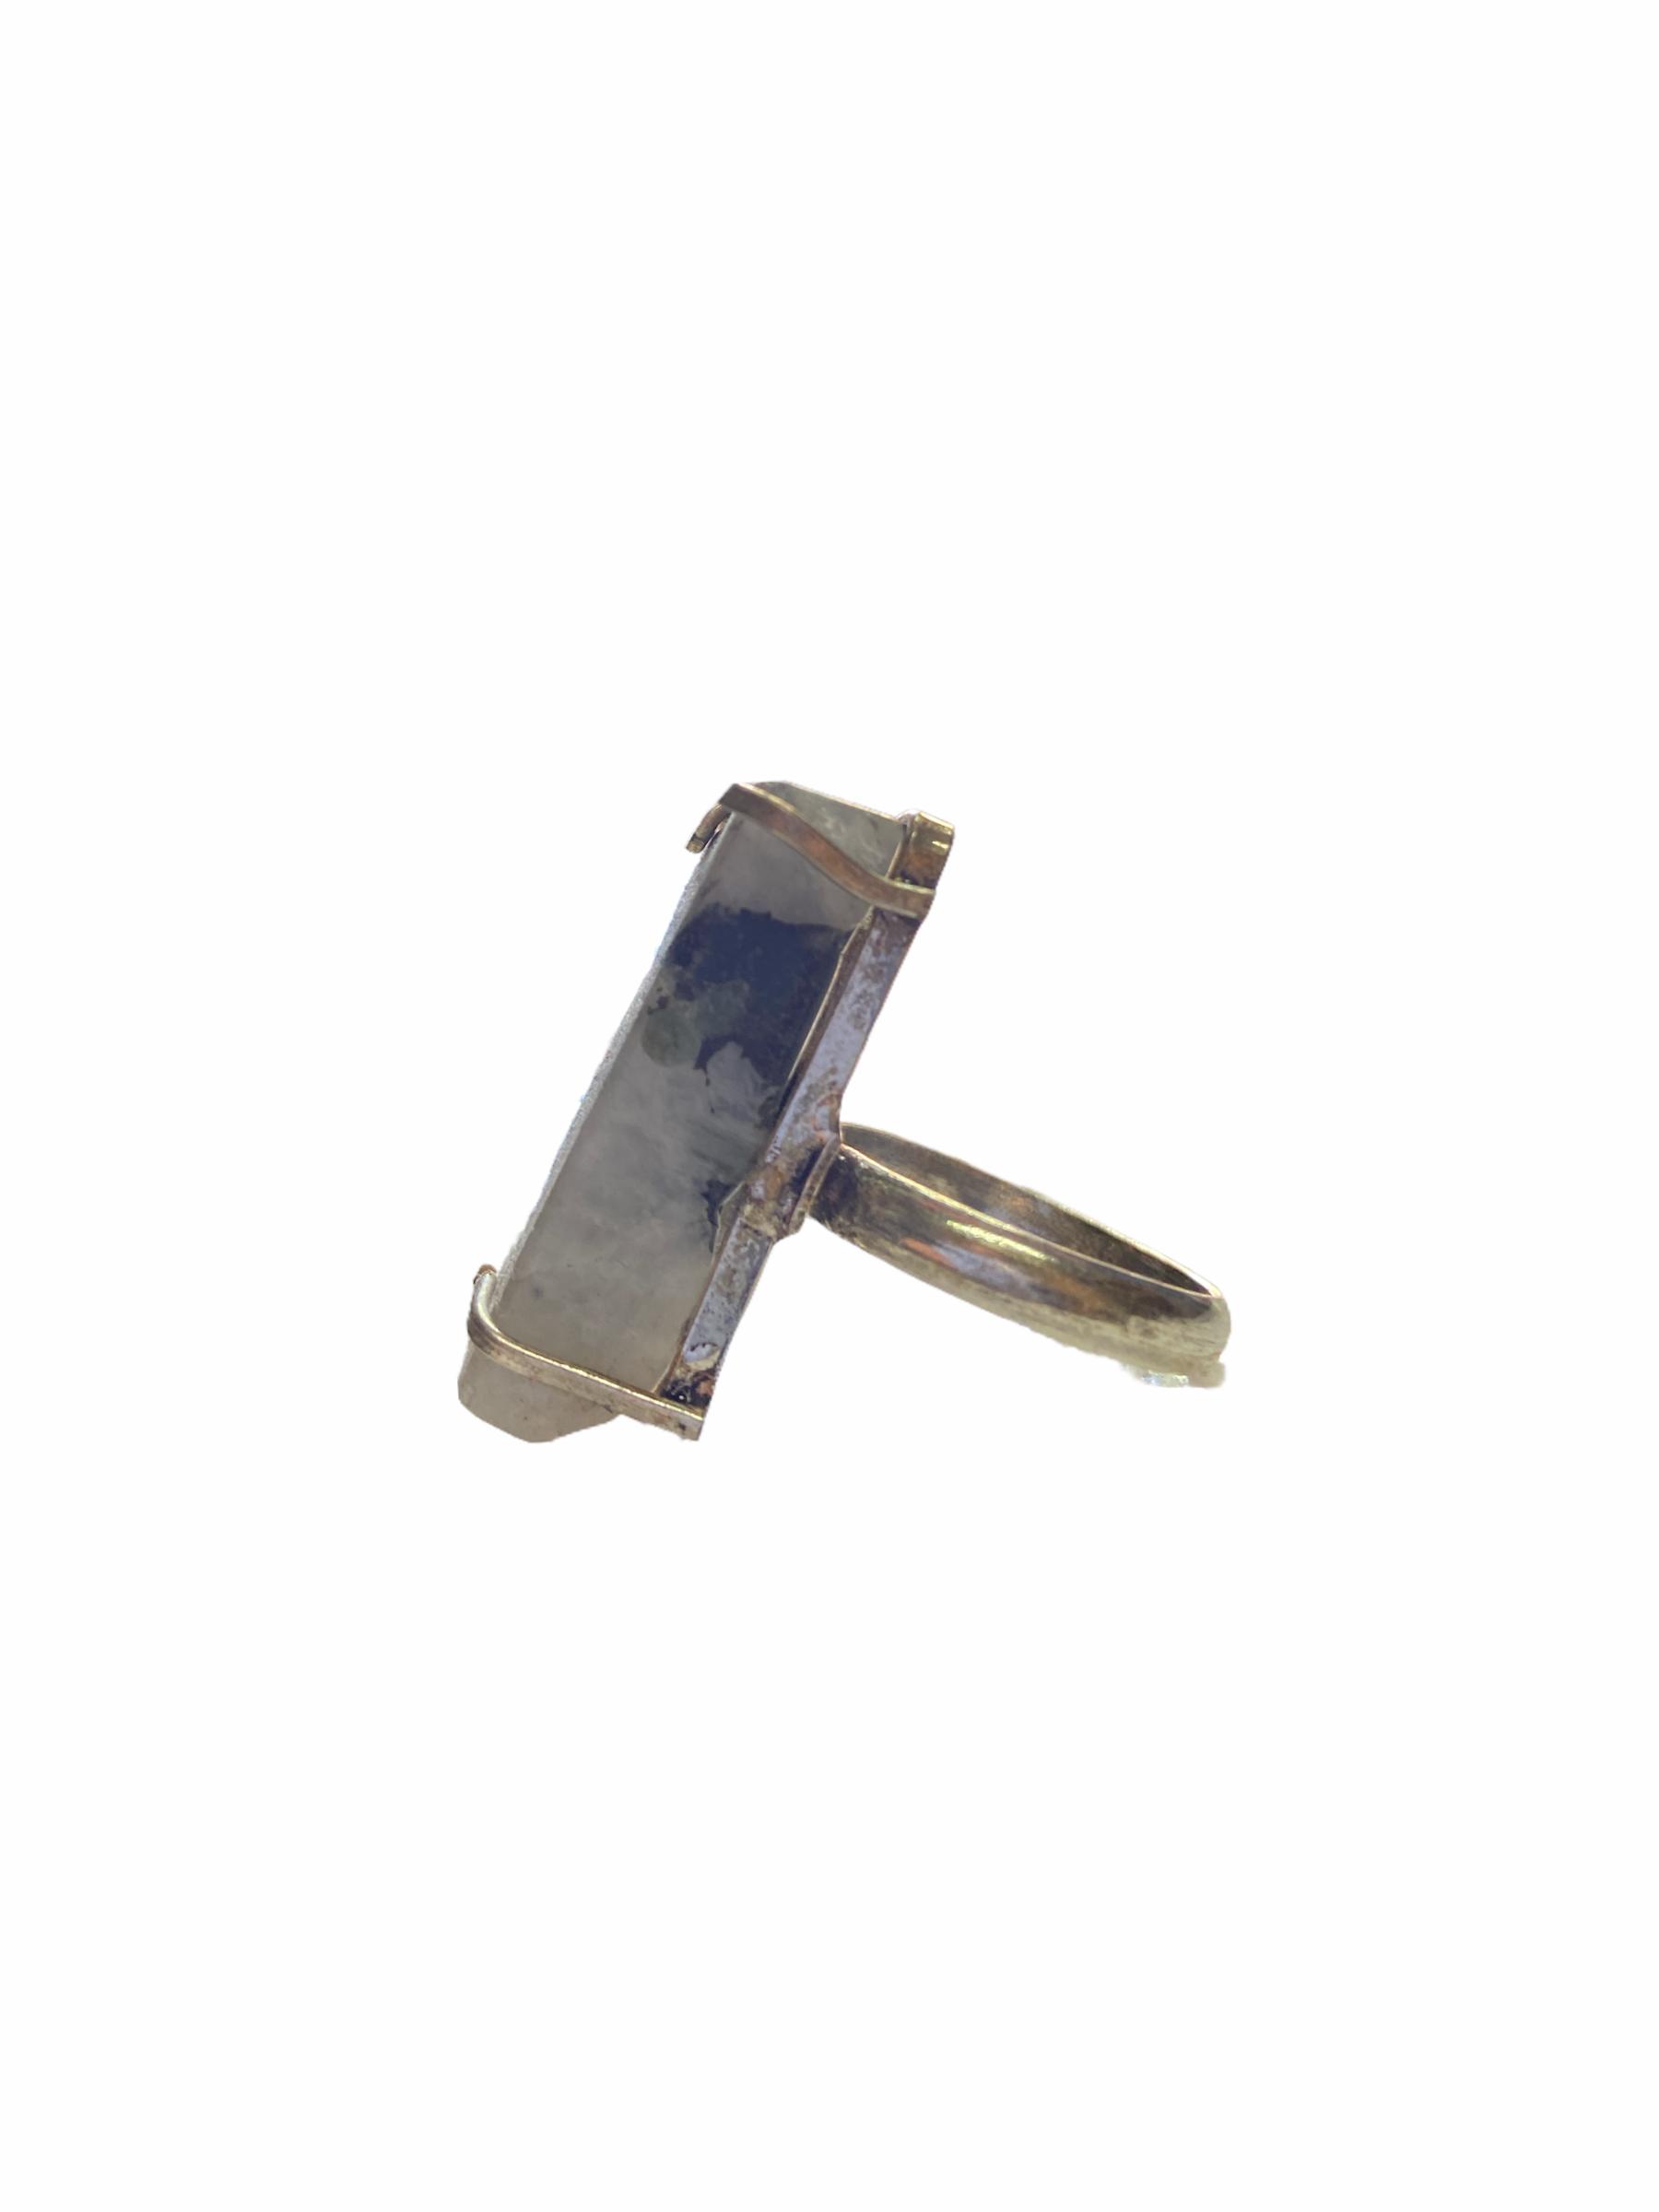 Δαχτυλίδι Χειροποίητο Ακατέργαστο Με Αιματίτη Ασημί